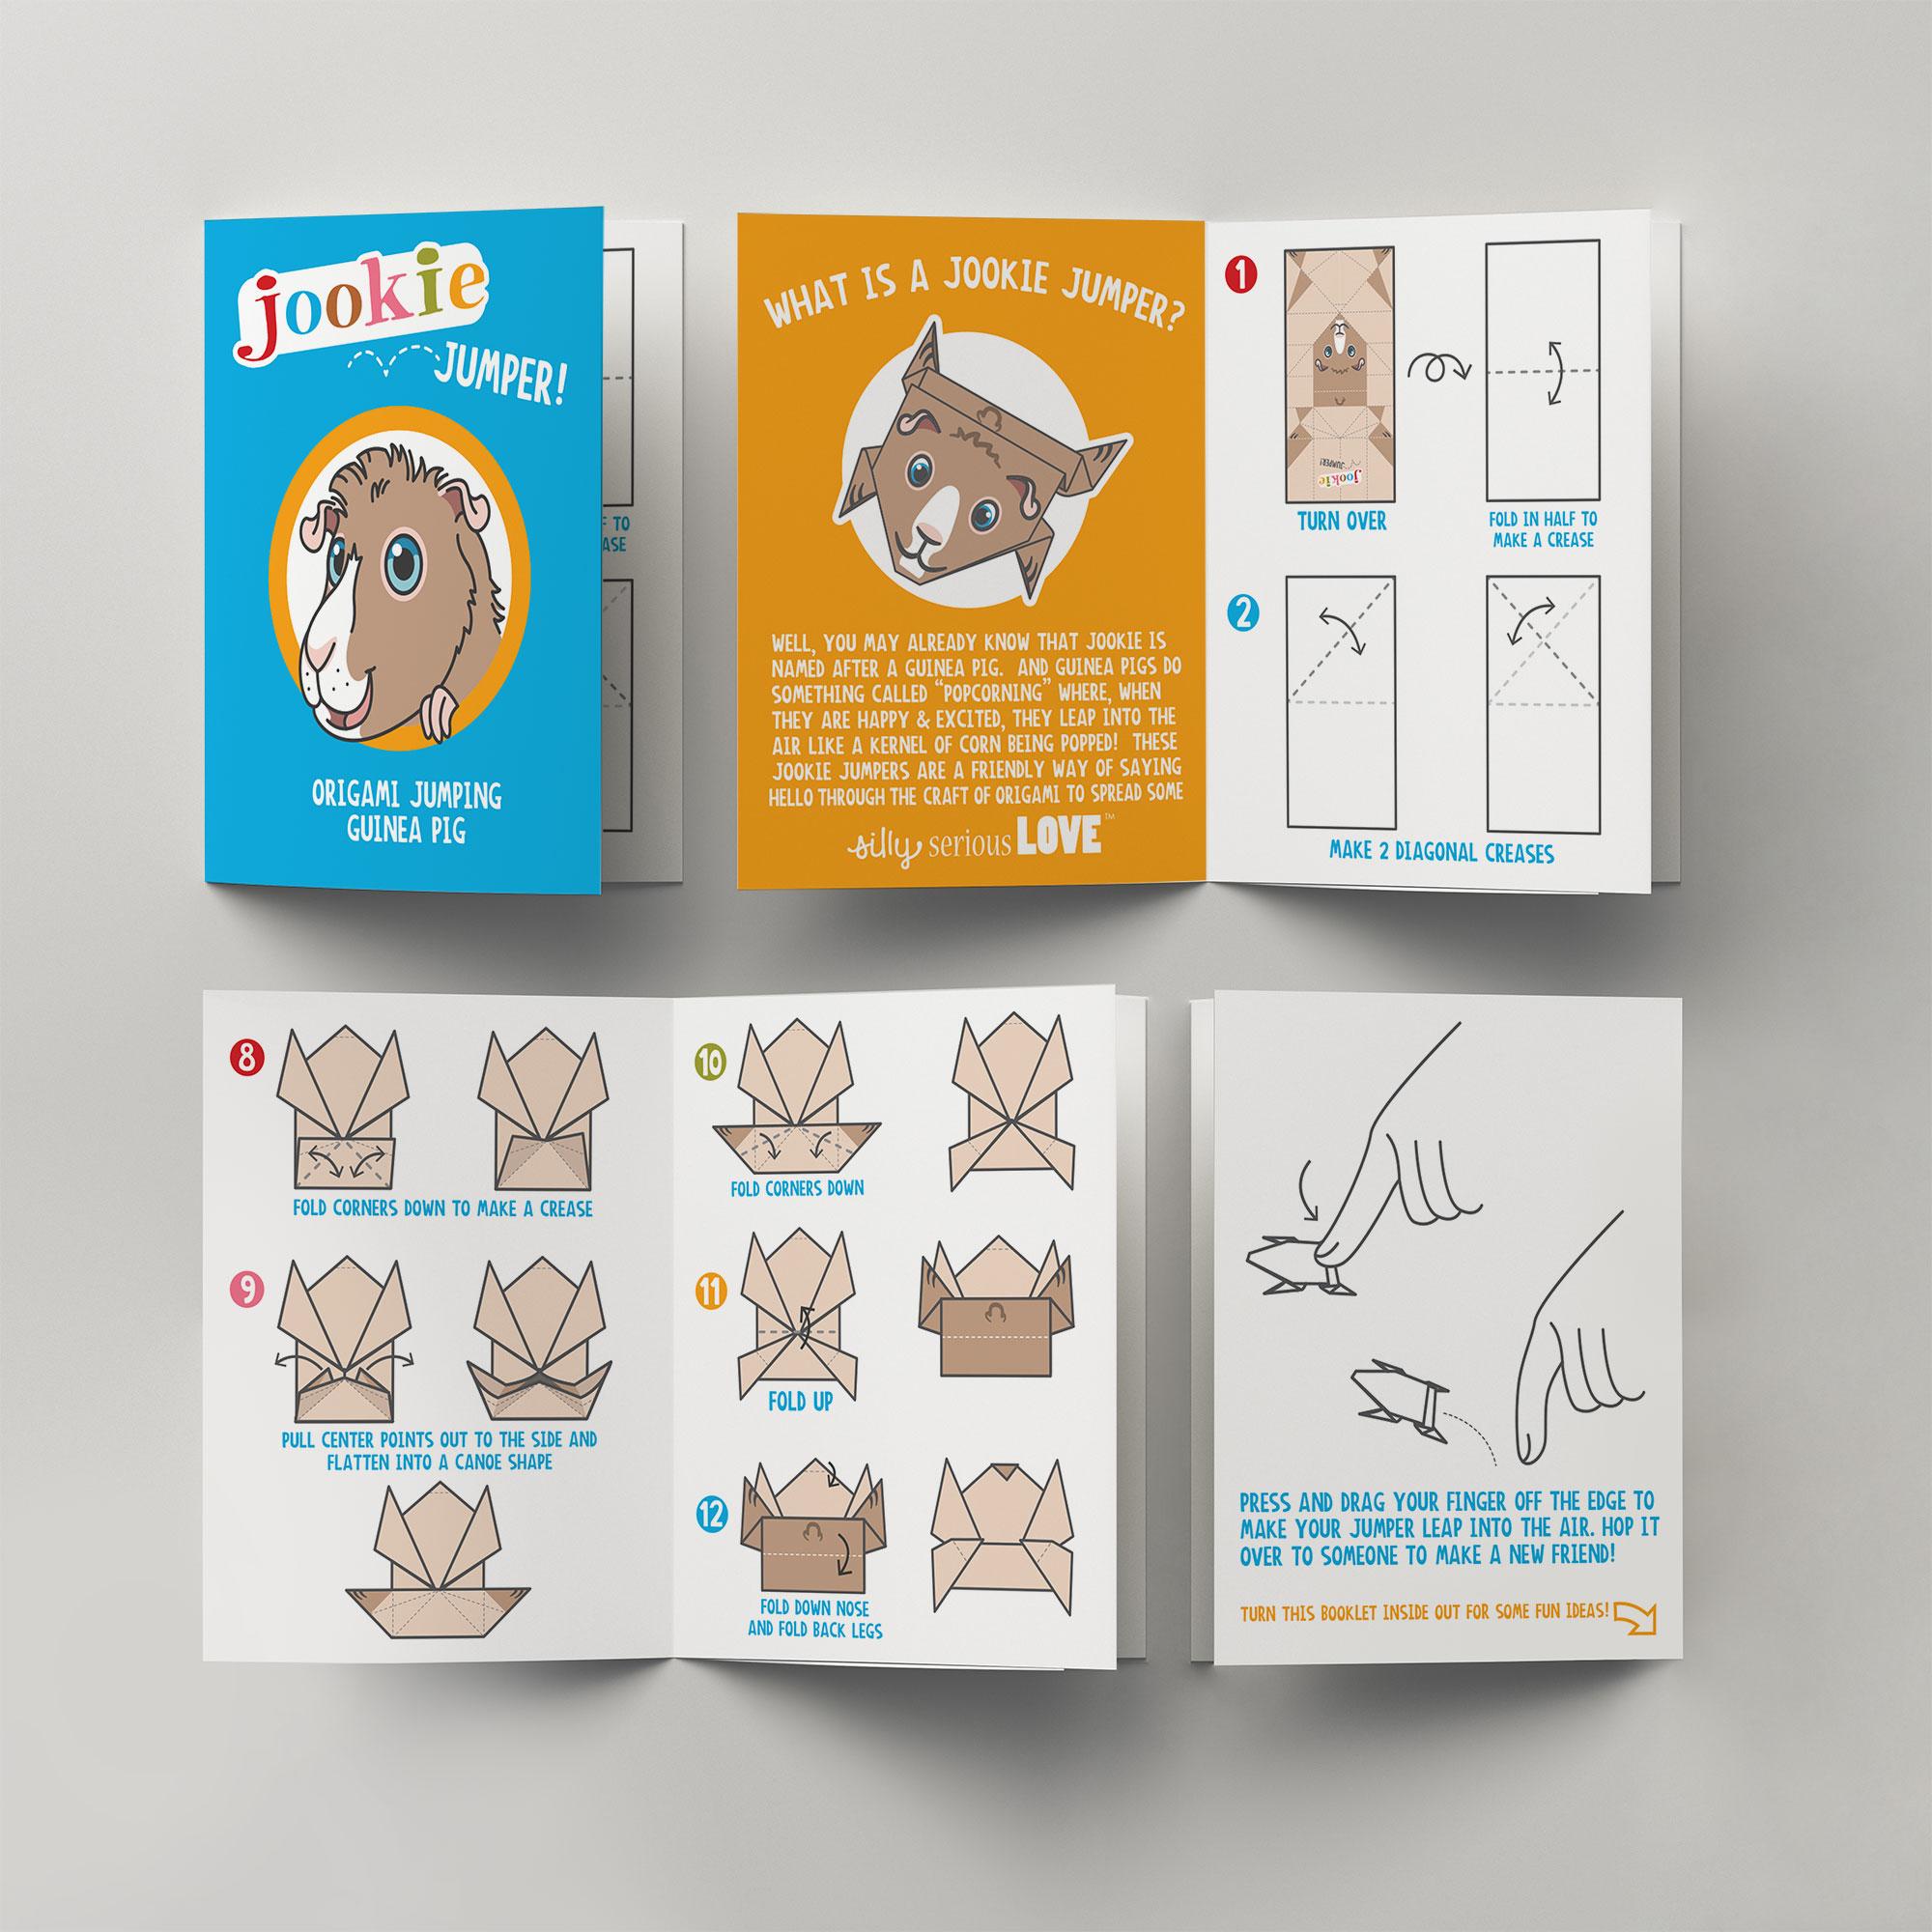 jookie-jumper-booklet-mockup.jpg